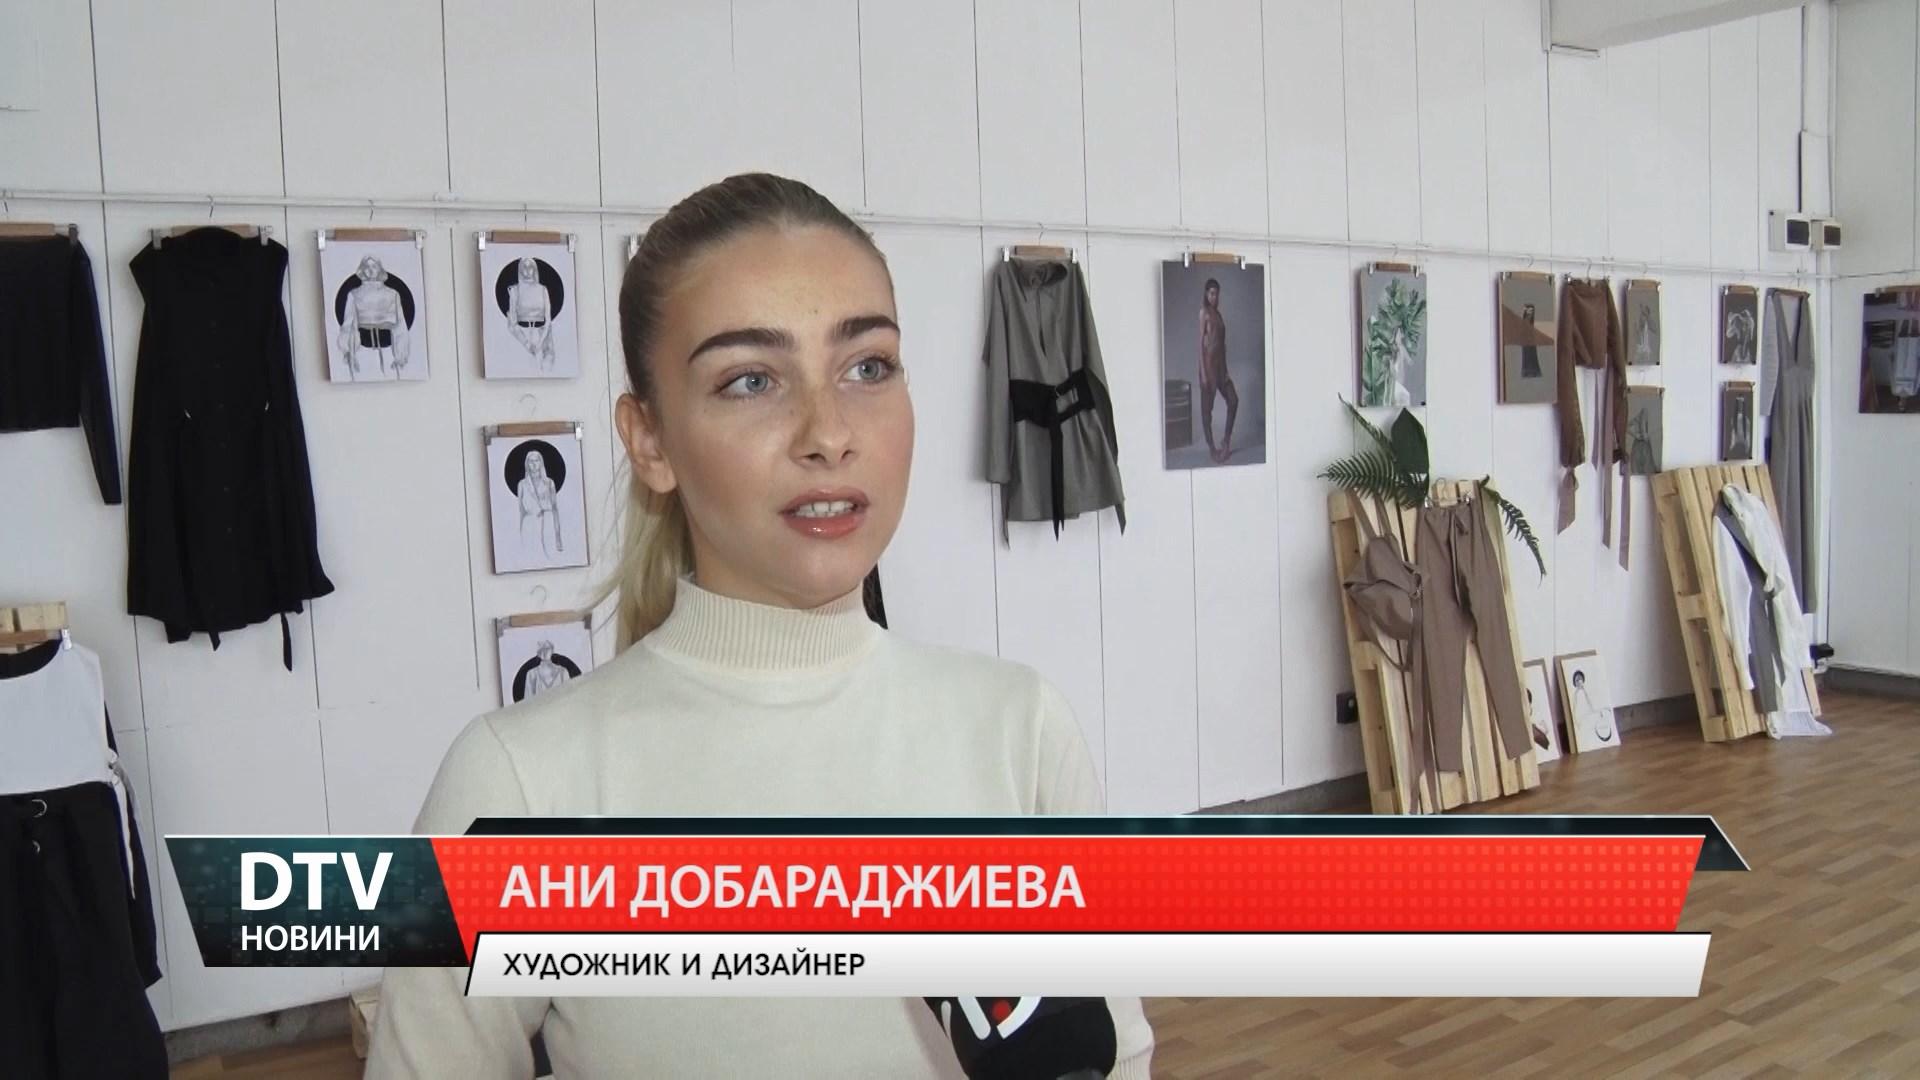 """Млада художничка -дизайнер гостува на читалище """"Зора"""""""